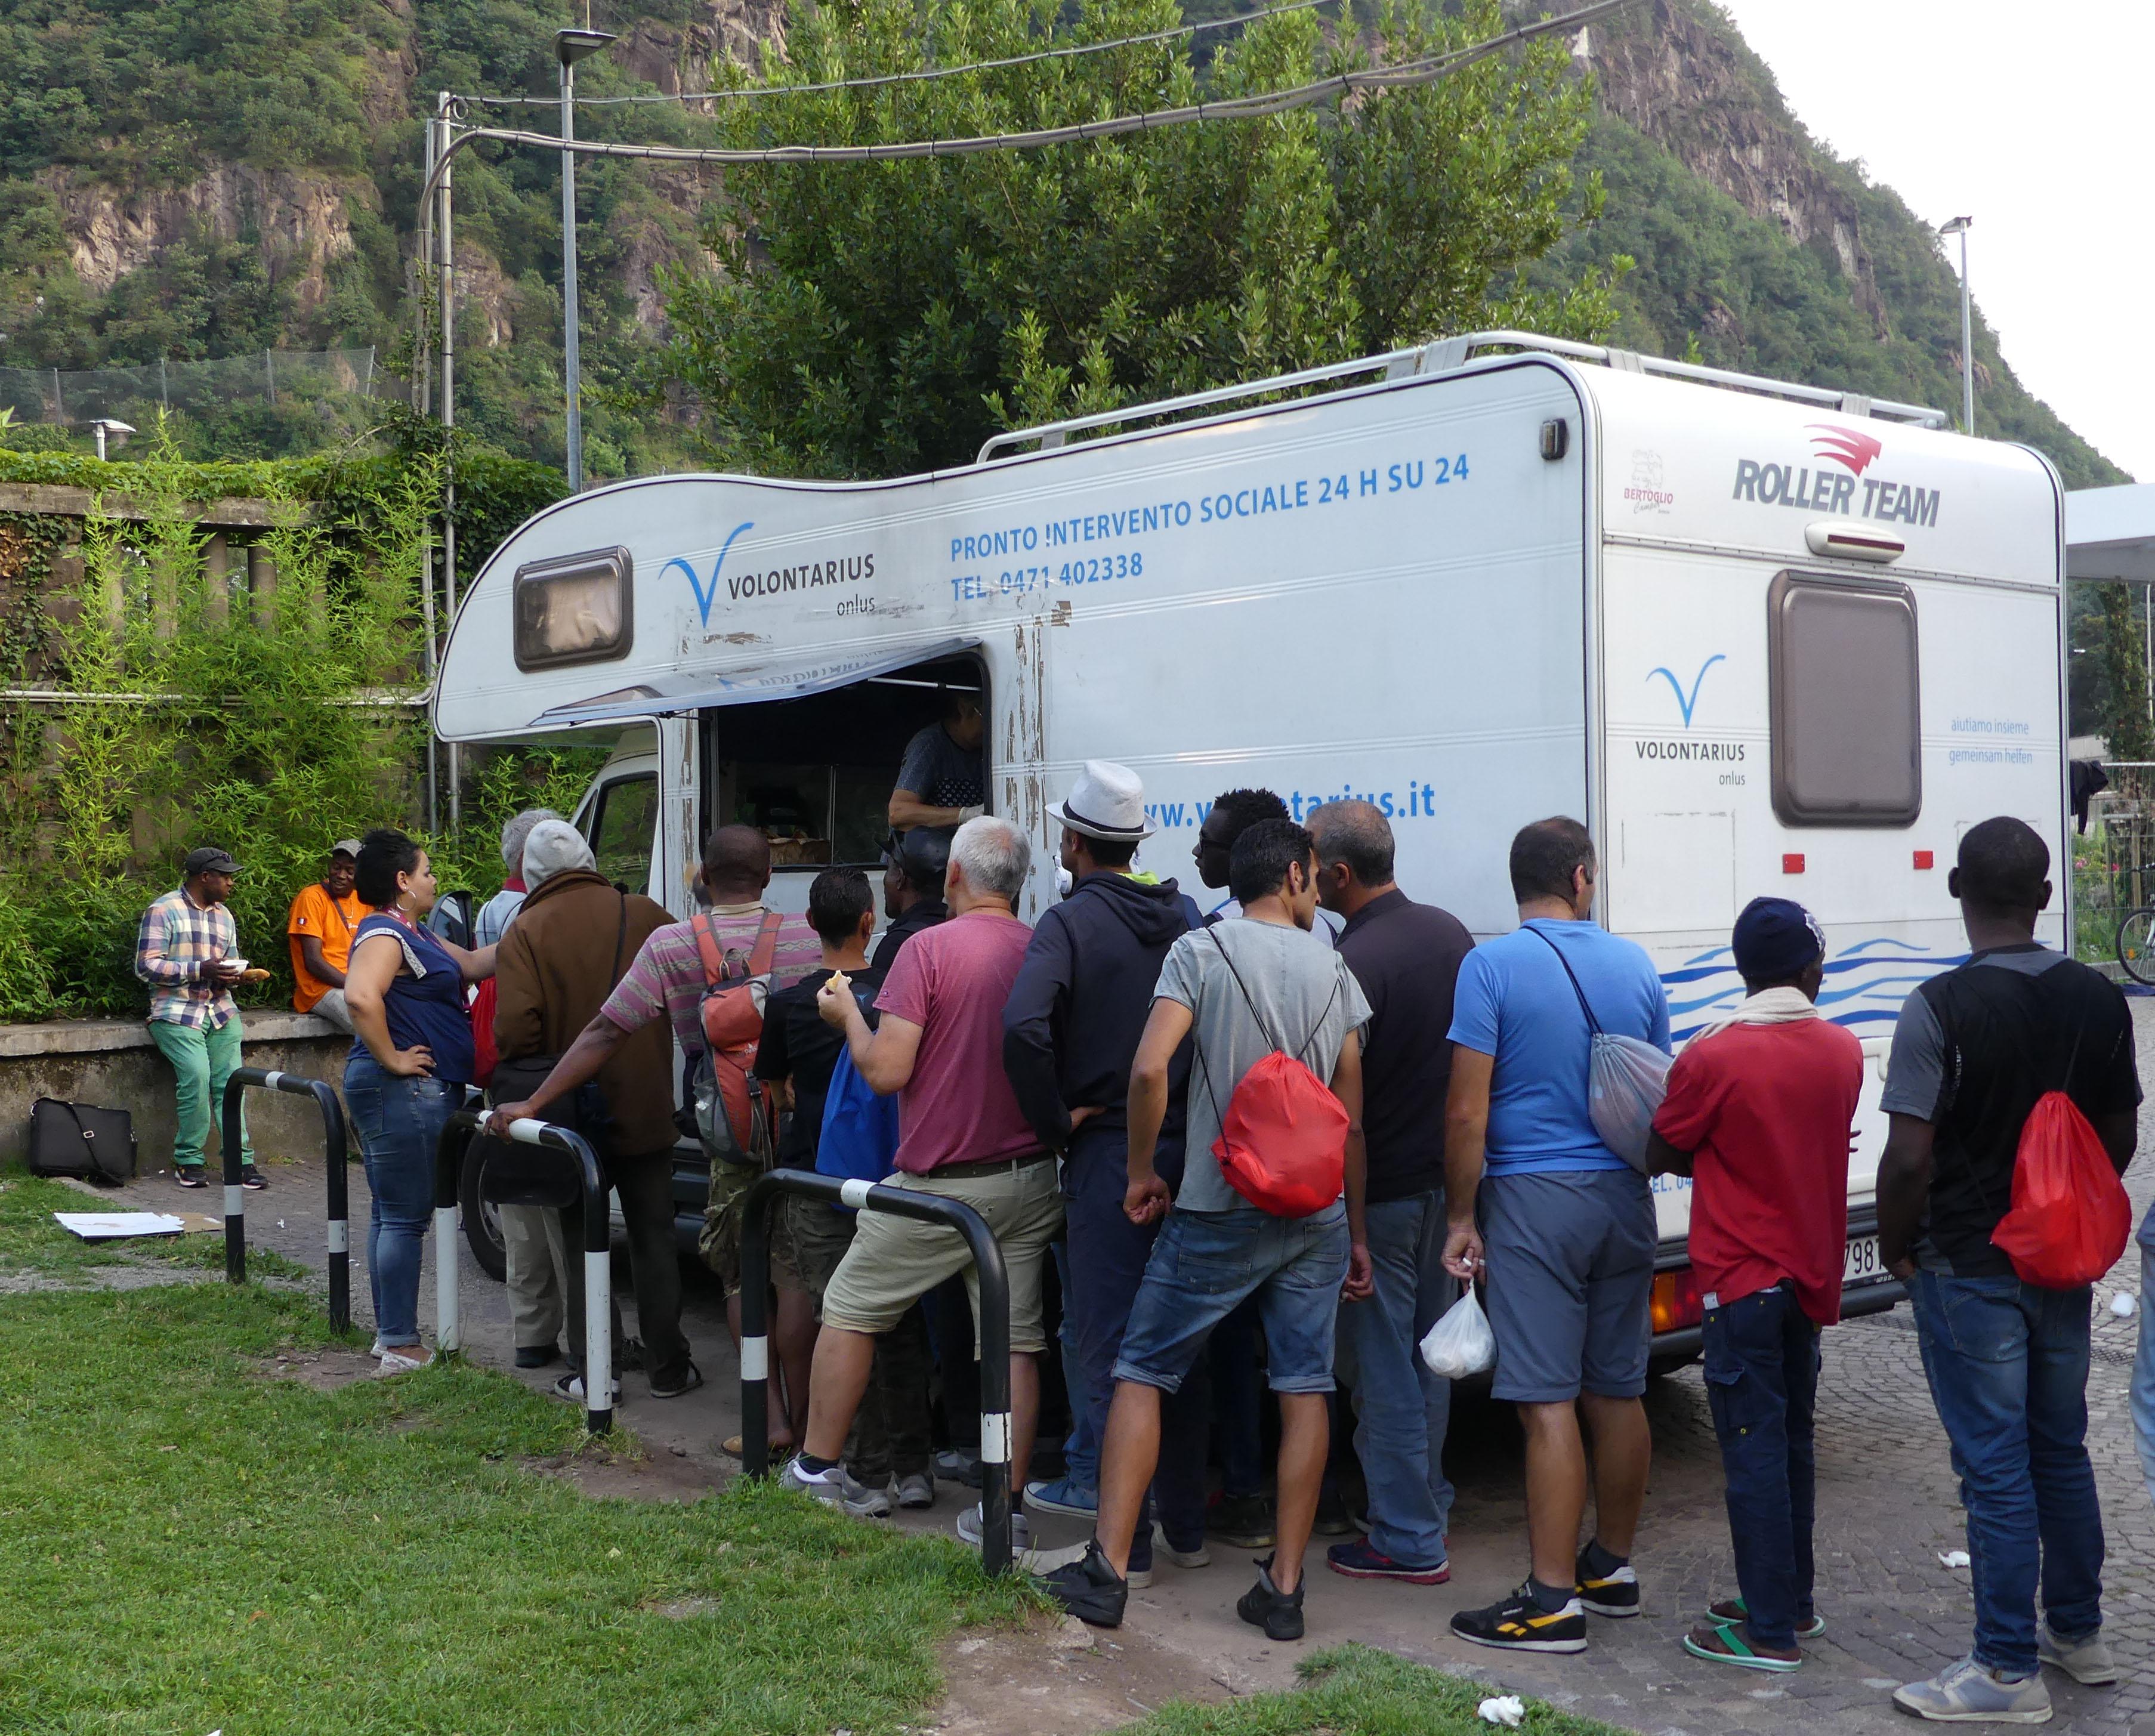 Volontari distribuiscono cibo ai migranti a Bolzano (foto: Michele Luppi)